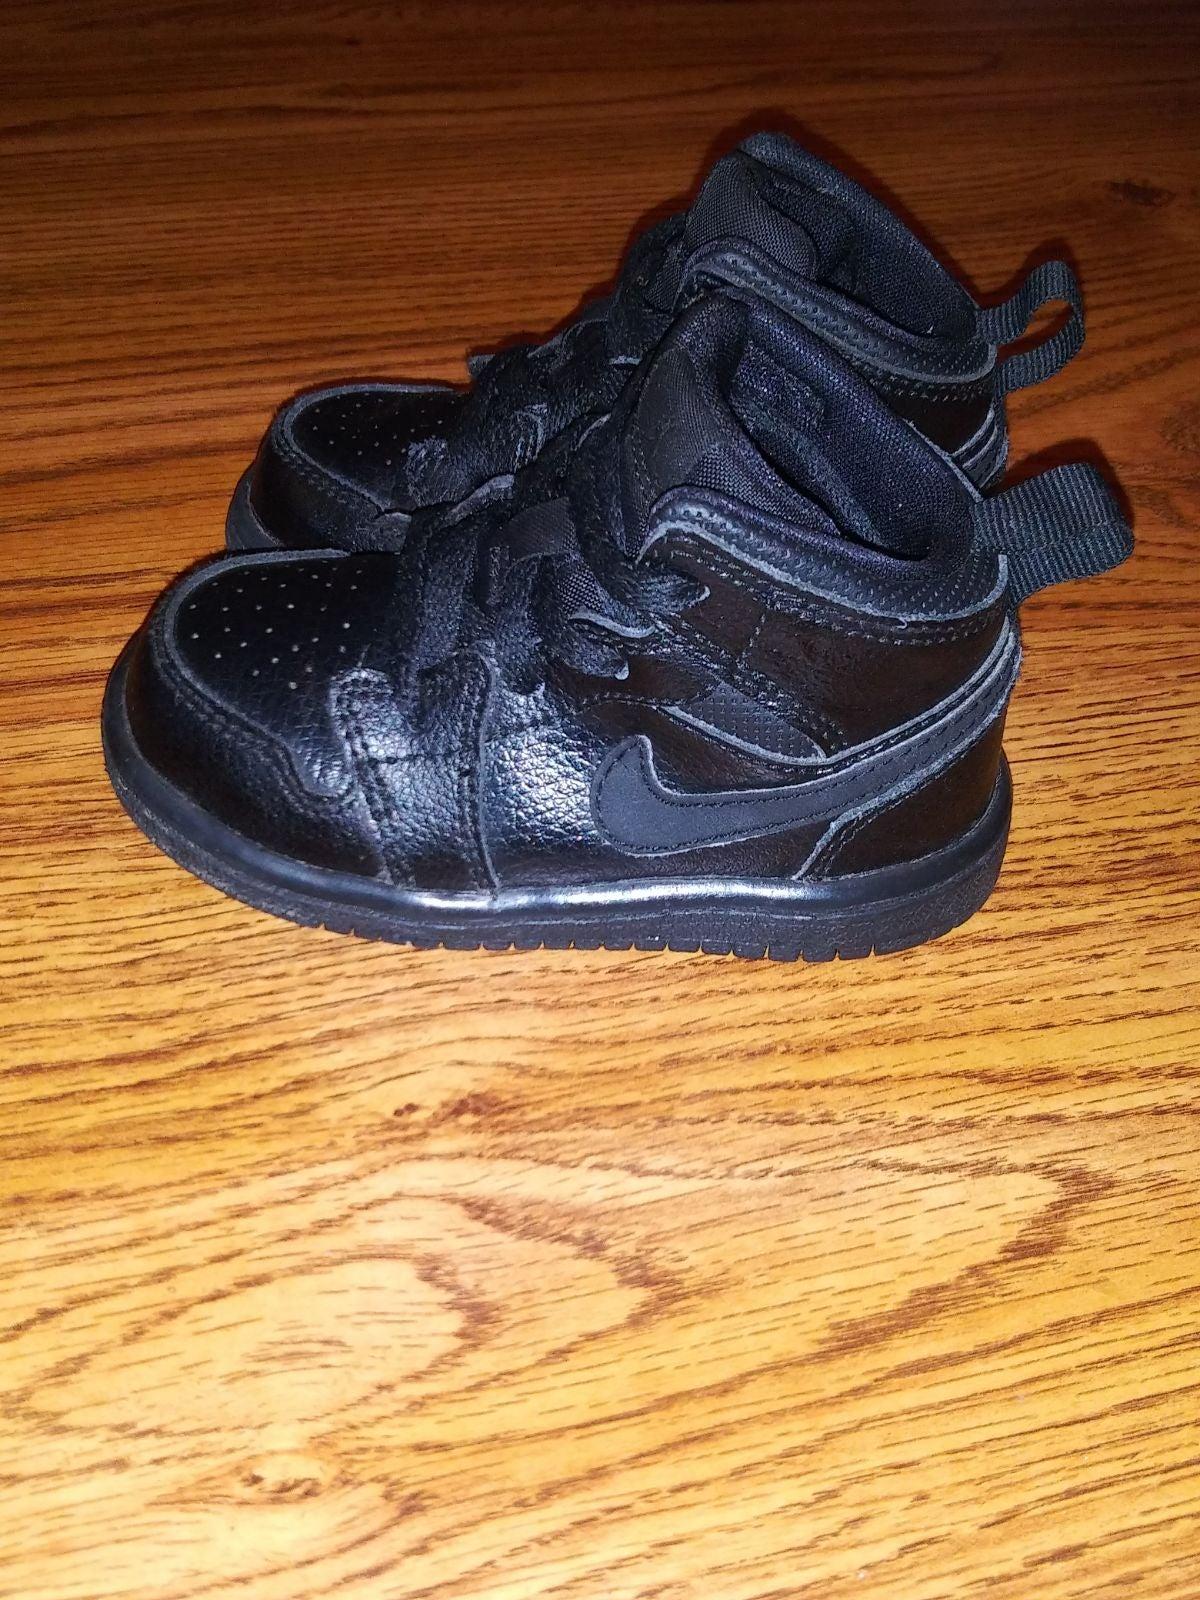 Nike Jordan Size 5c 5 toddler